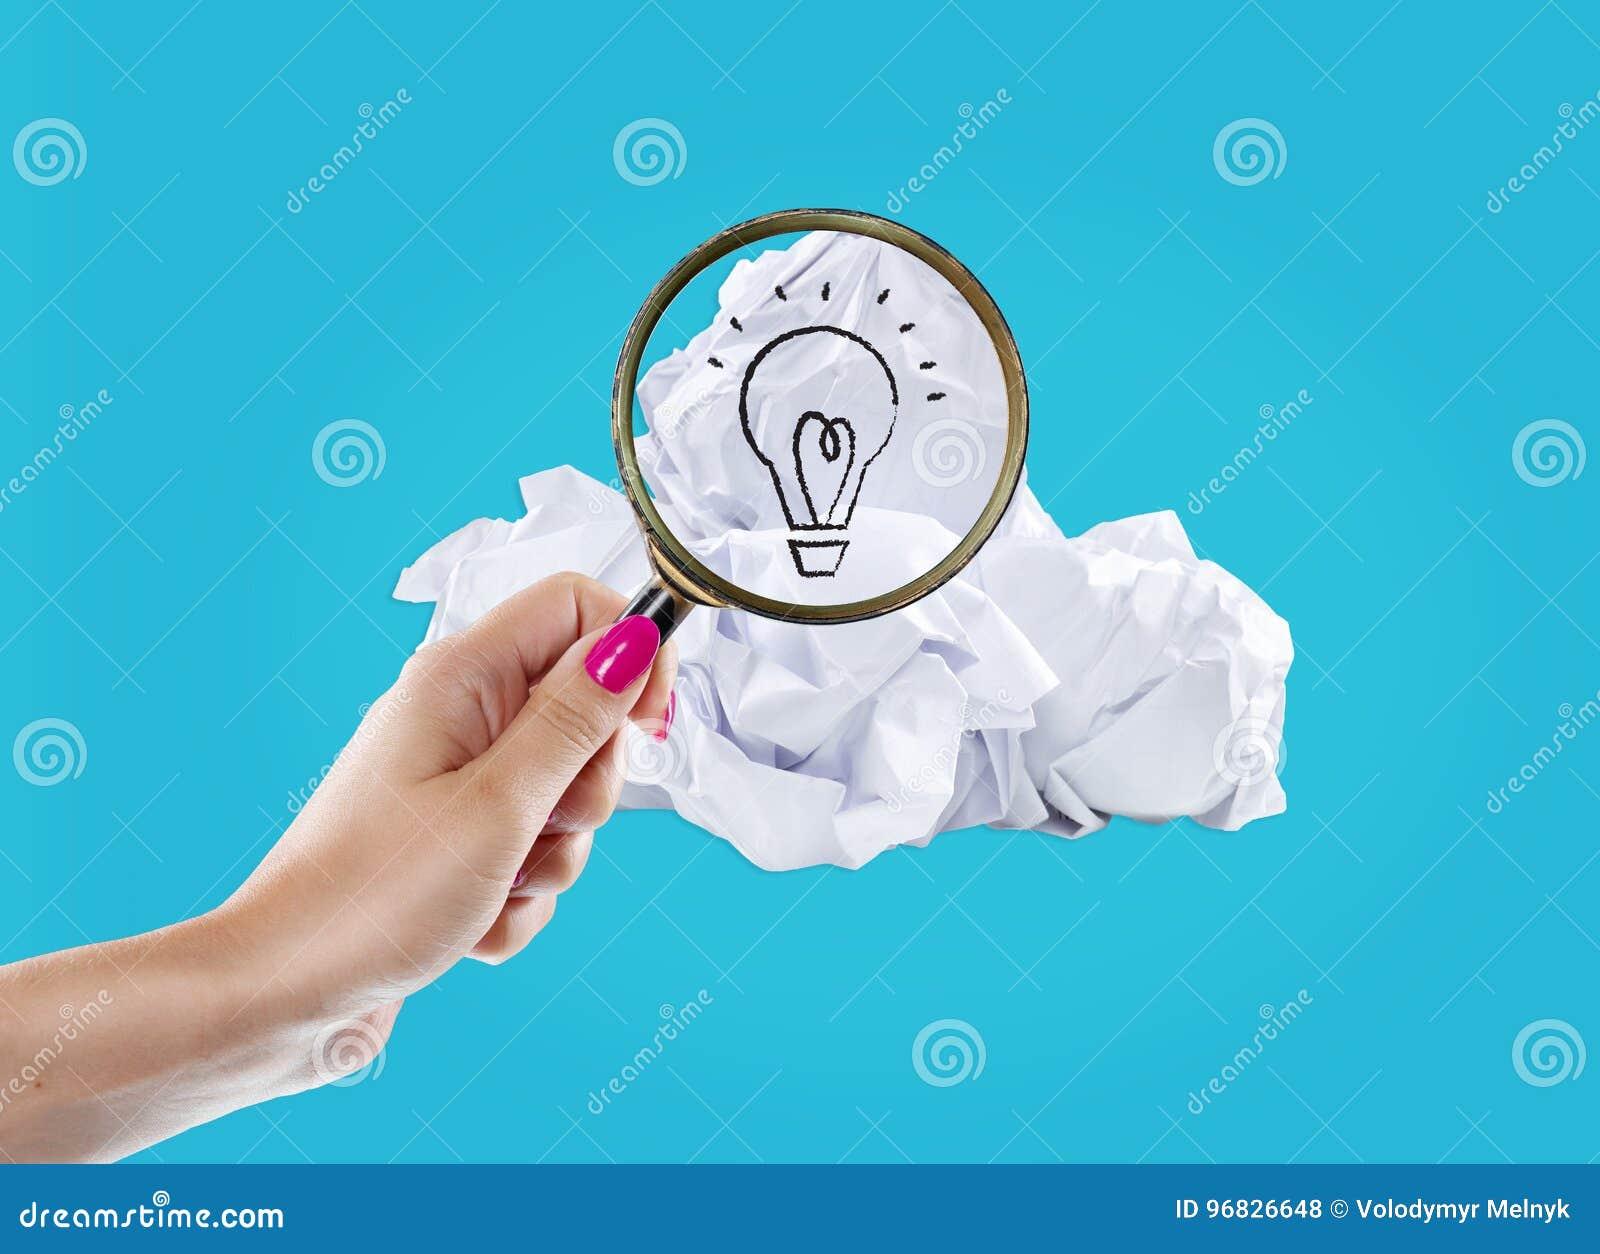 Inspiratieconcept verfrommelde document gloeilampenmetafoor voor goed idee